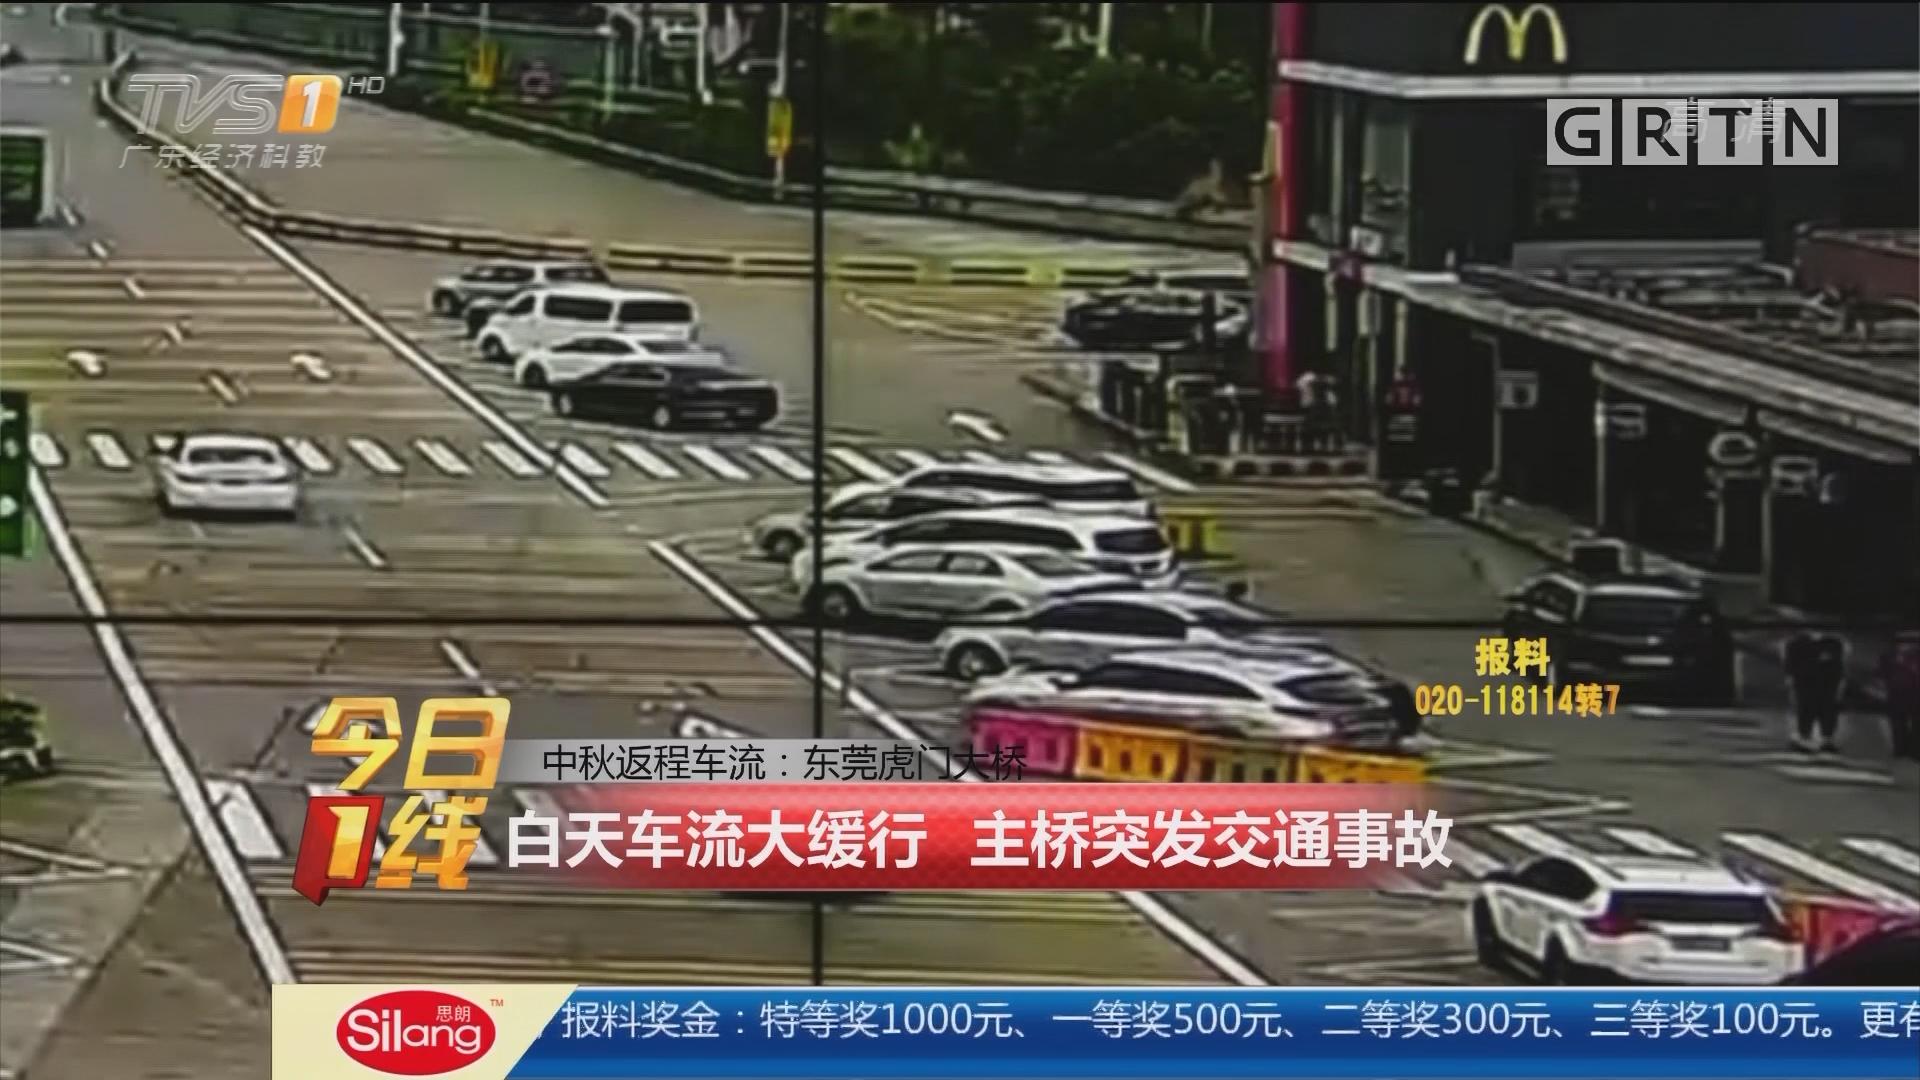 中秋返程车流:东莞虎门大桥 白天车流大缓行 主桥突发交通事故